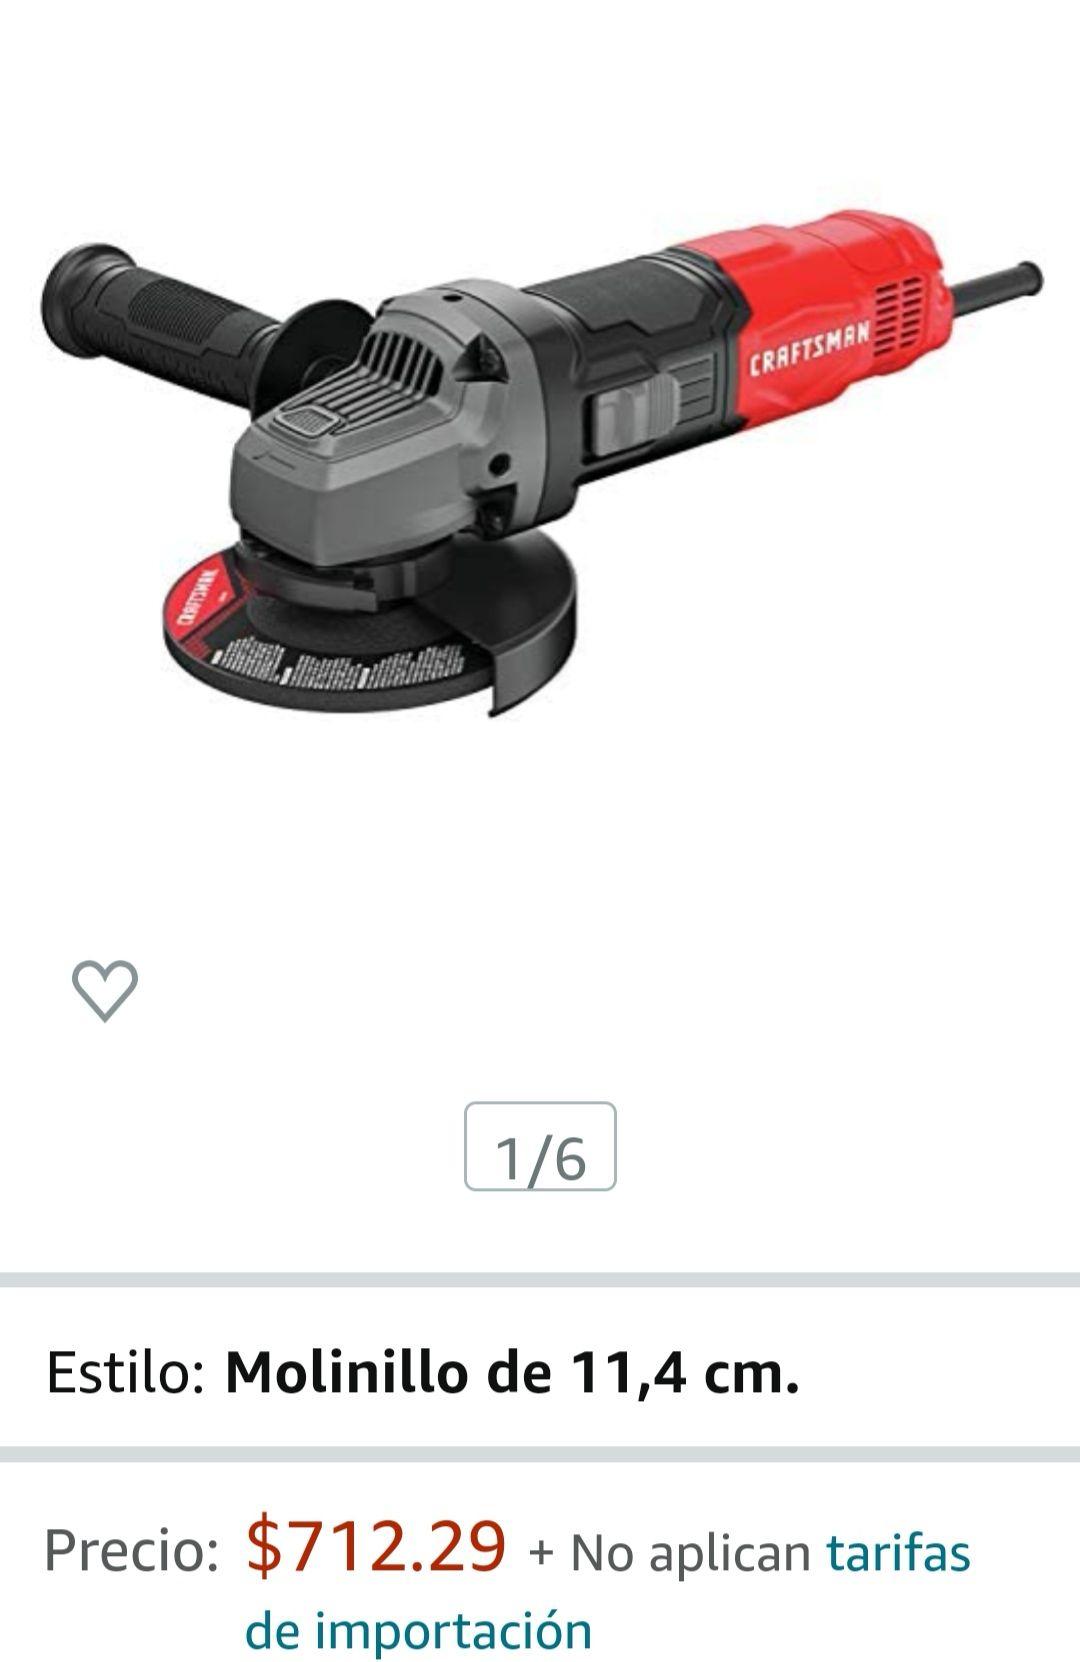 Amazon: Herramienta de amoladora angular pequeña Craftsman de 4 a 1/2 pulgadas, 6 amperios (CMEG100)